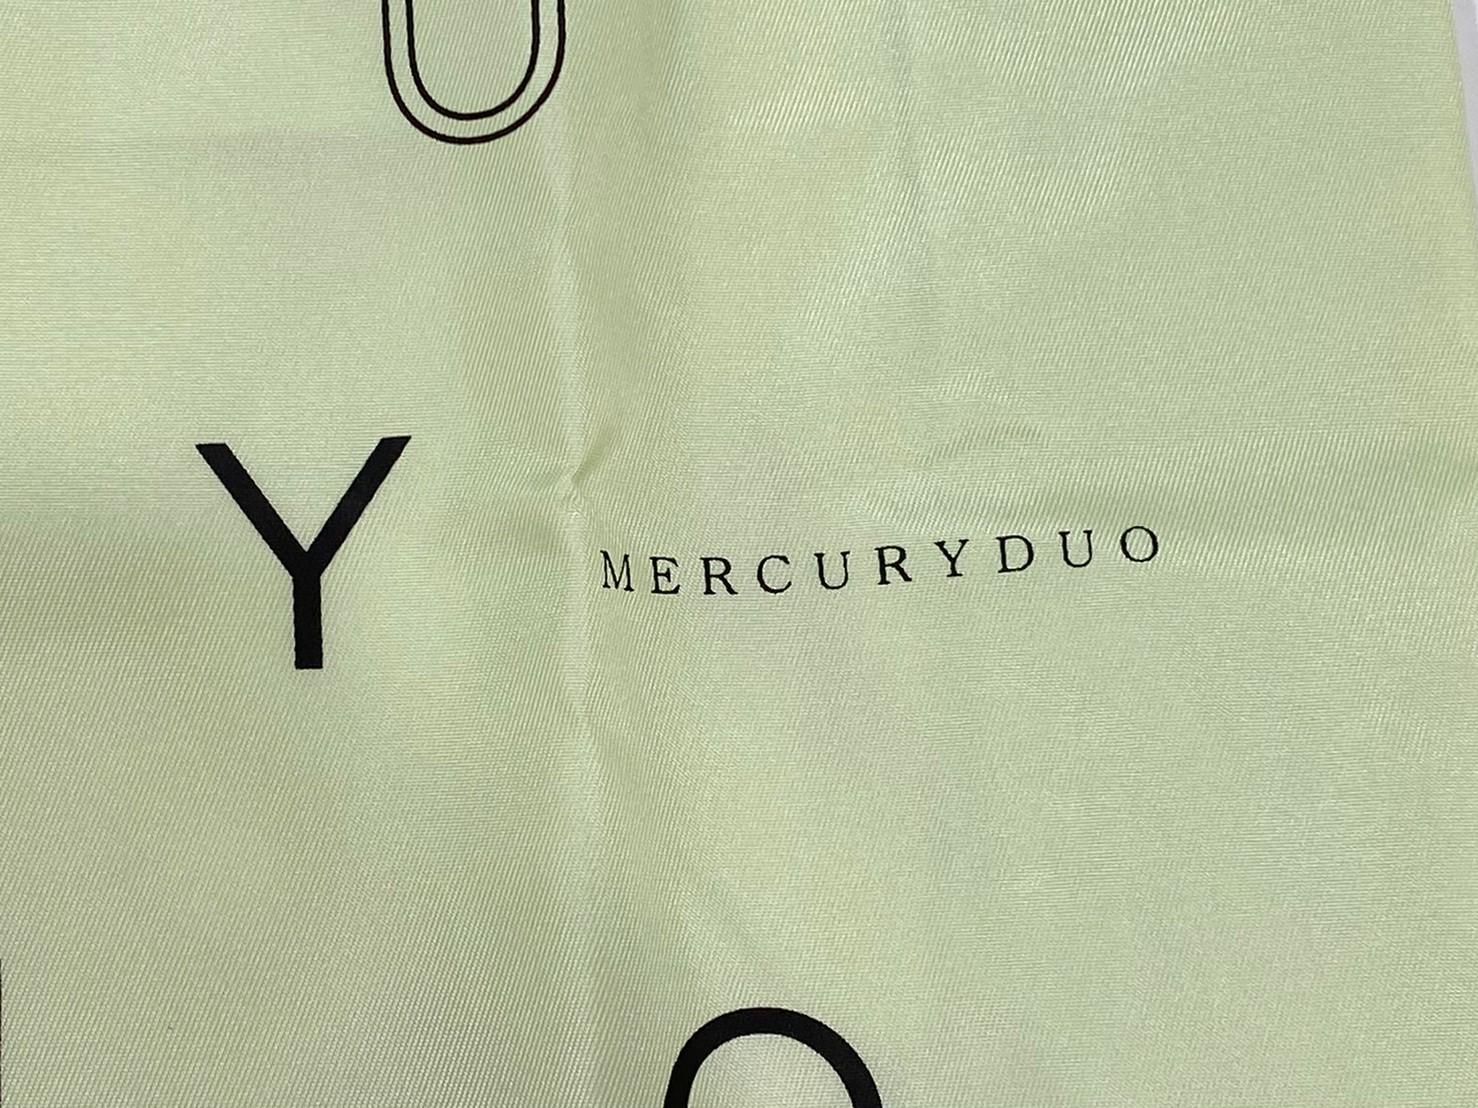 『ライムグリーン色エコバッグ』のブランドロゴ画像